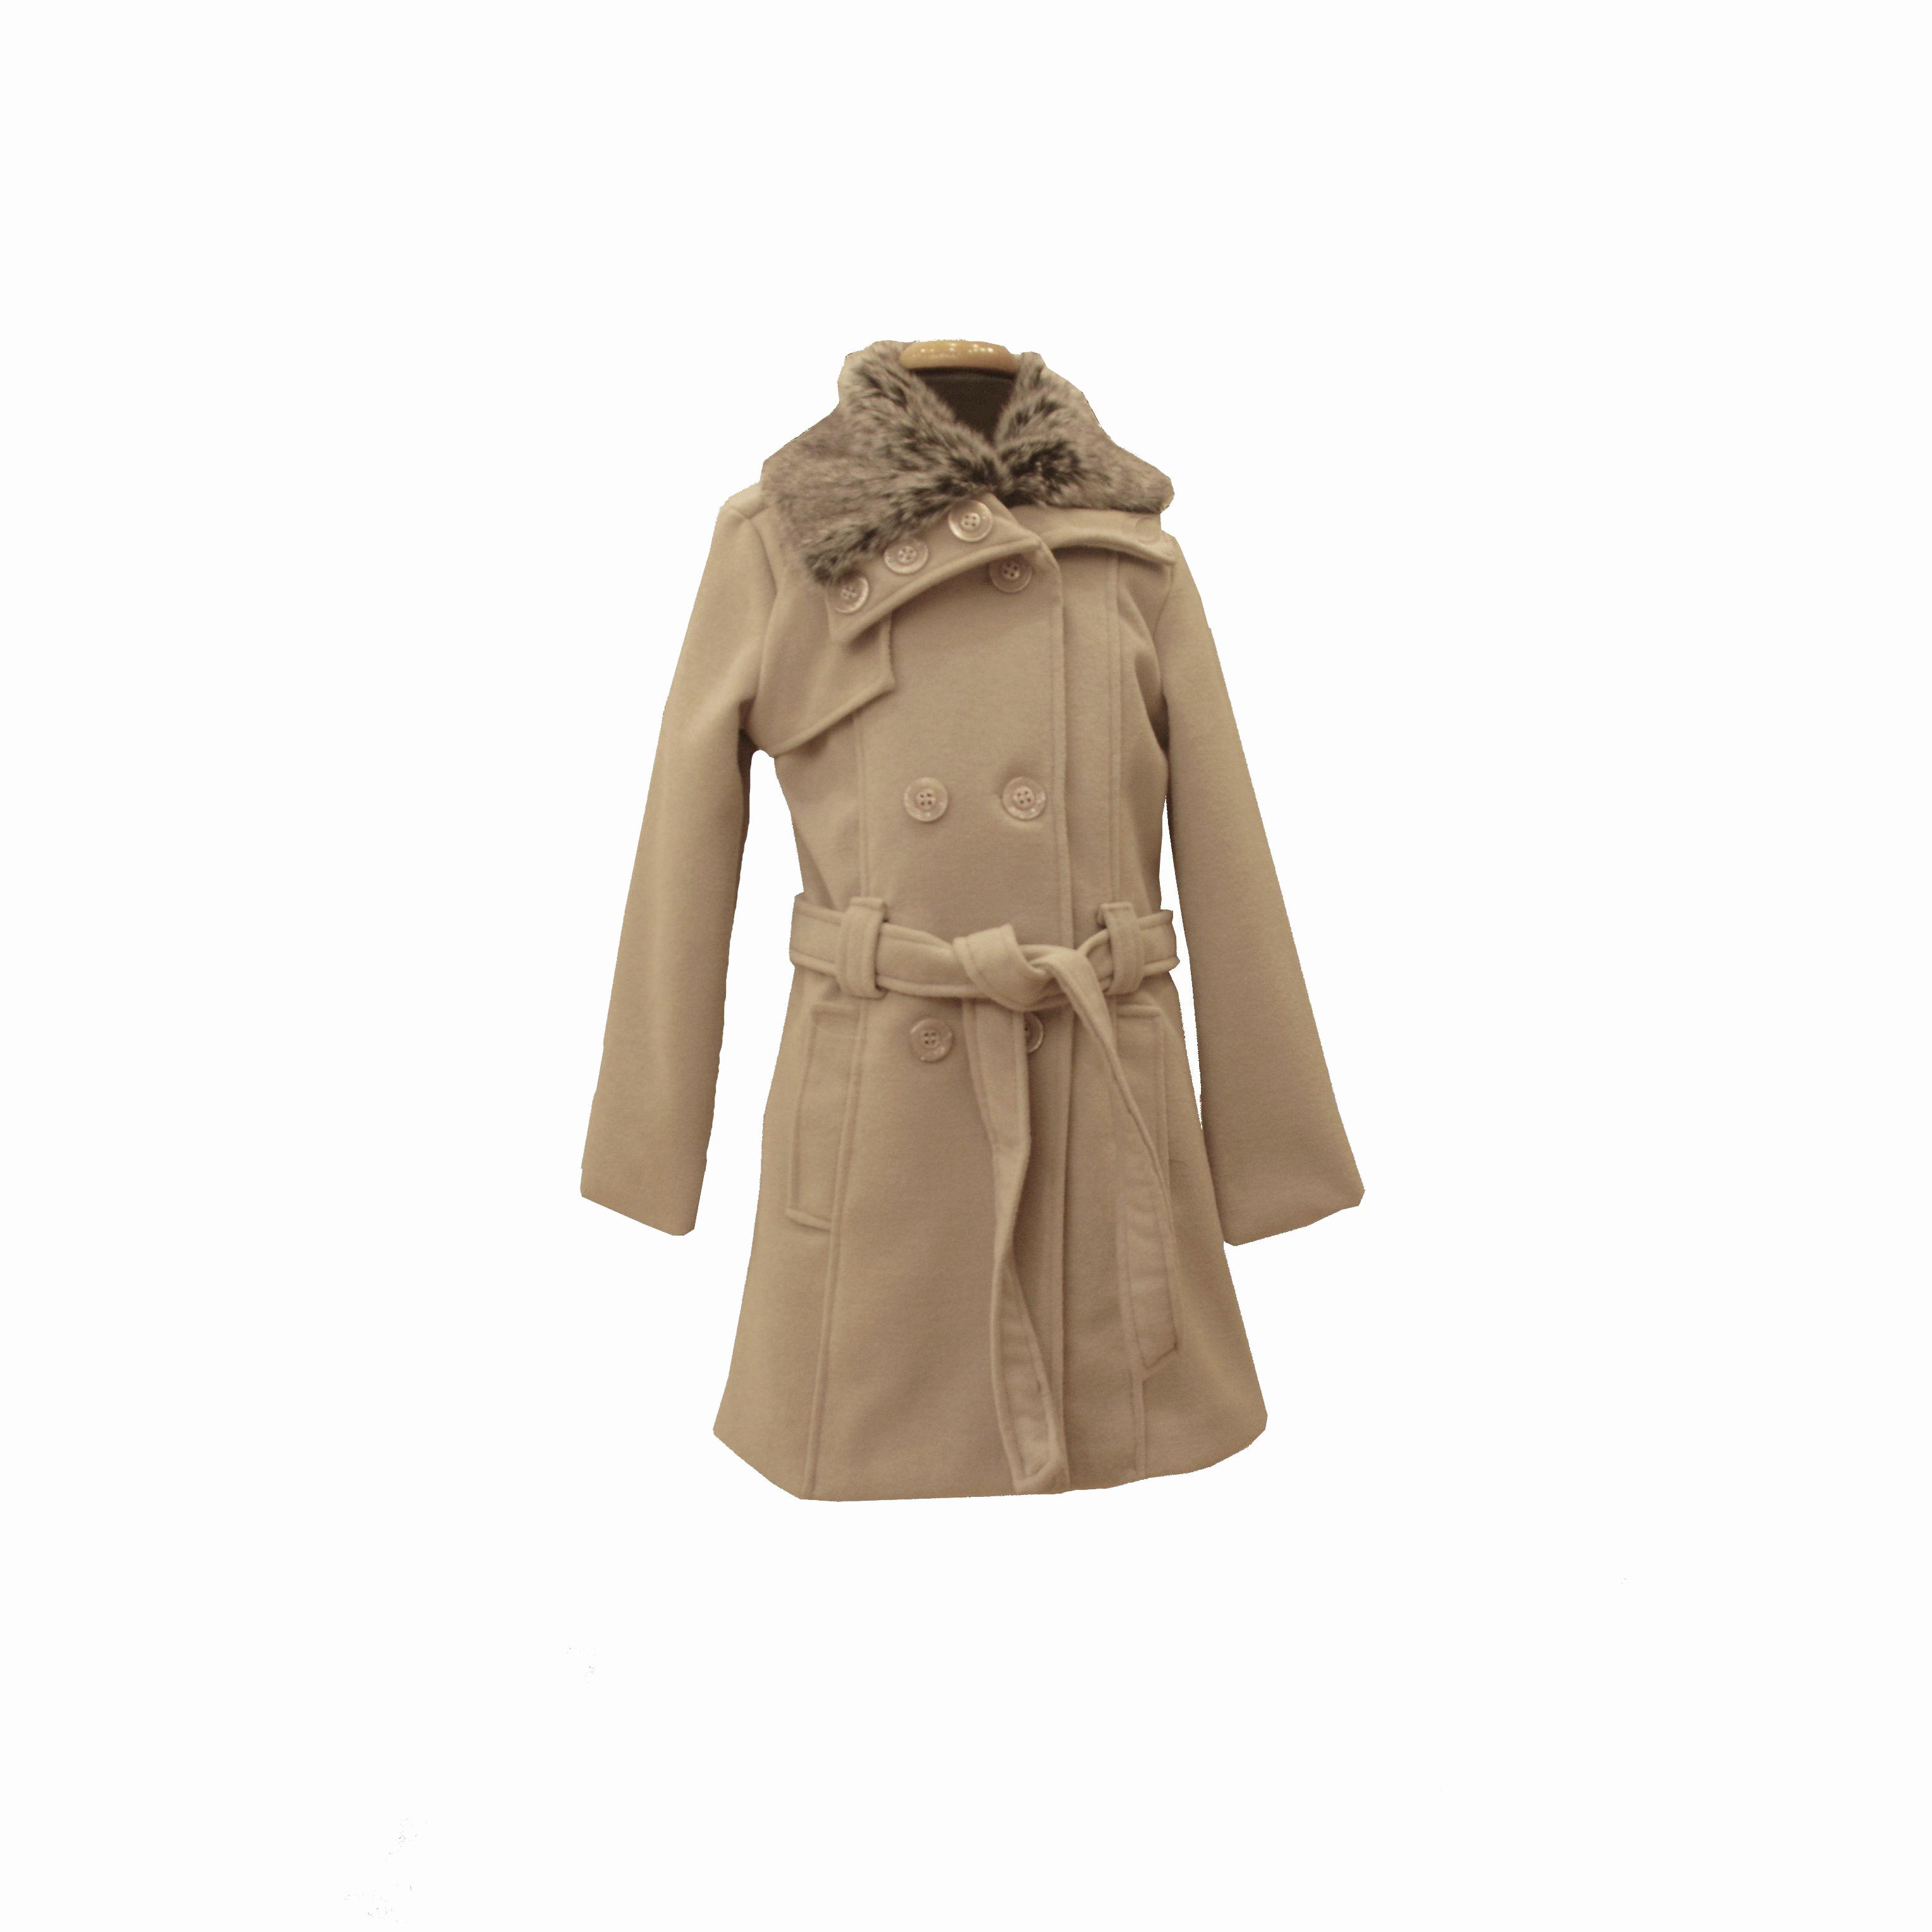 Παιδικά ρούχα - Παλτό Κορίτσι 646 for only 28.00 !!! 6c3f06c30ea